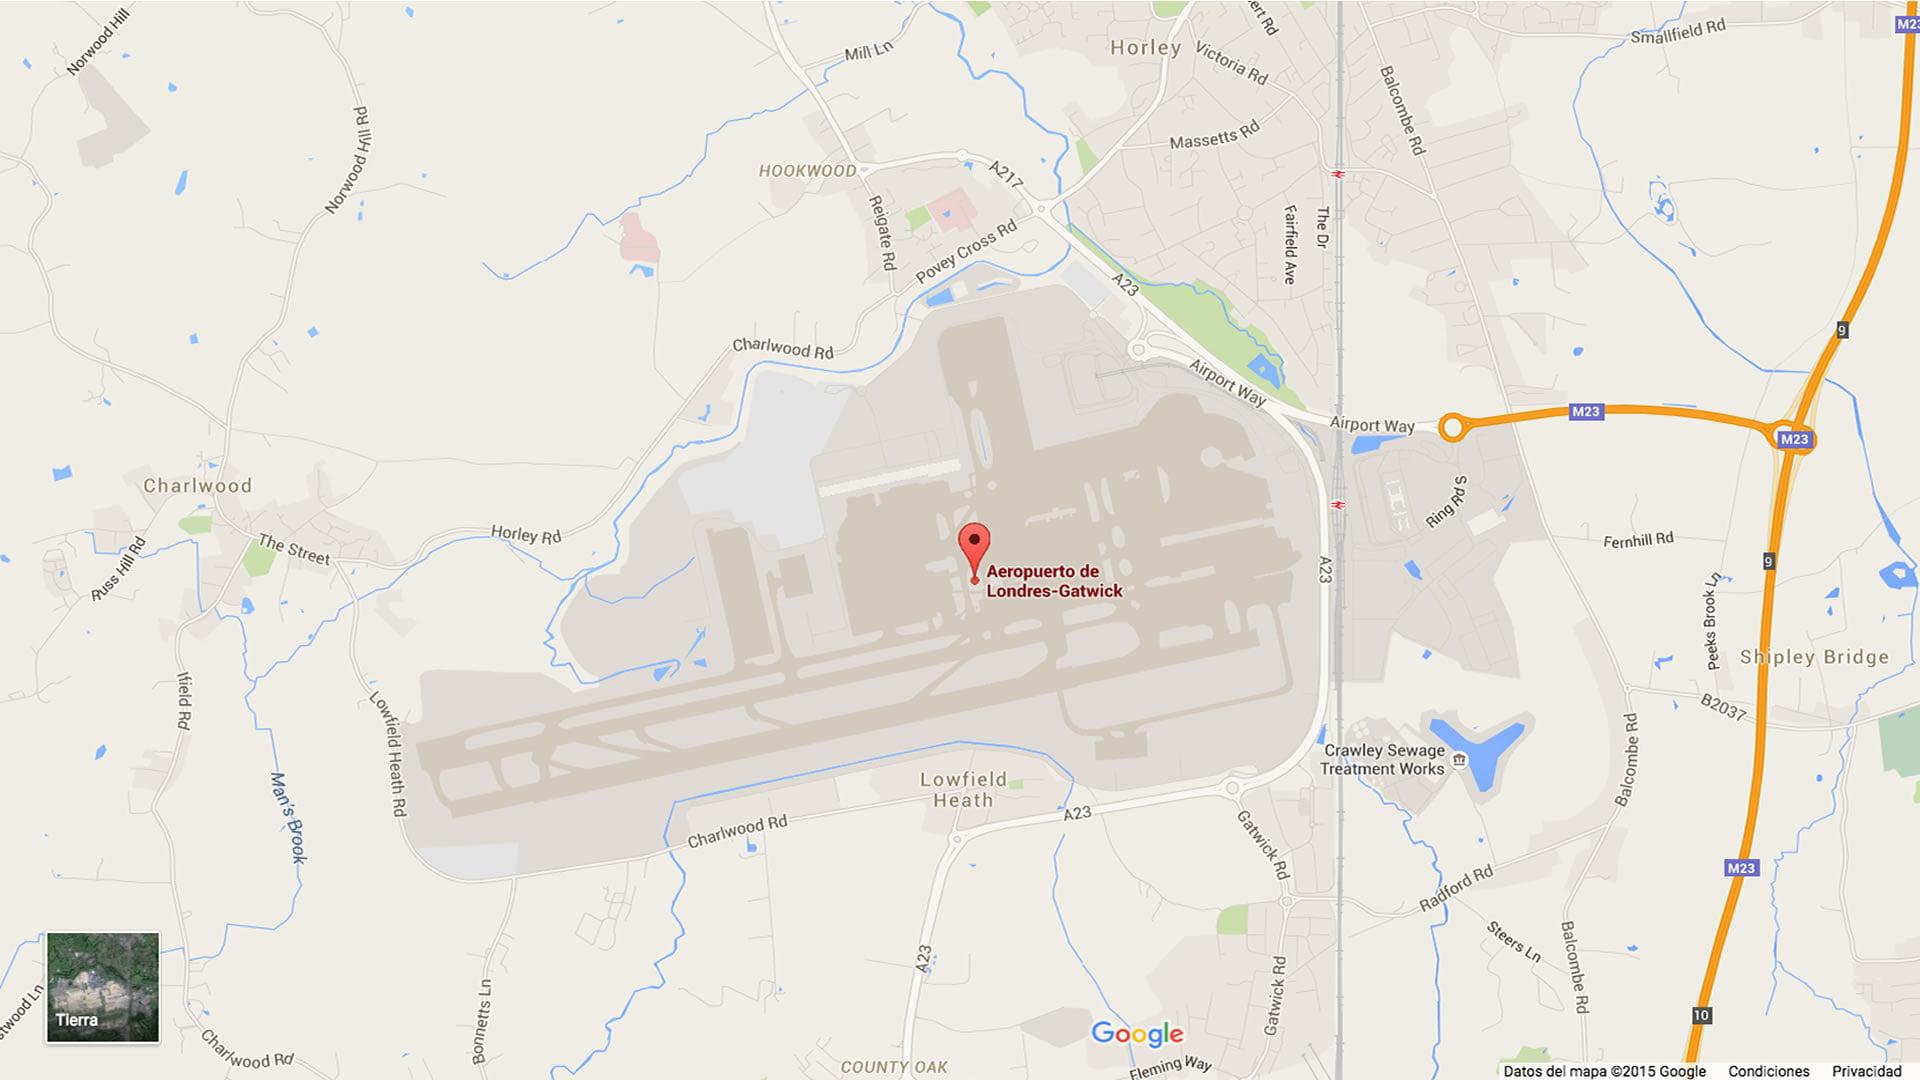 Mapa Del Aeropuerto De Londres Gatwick